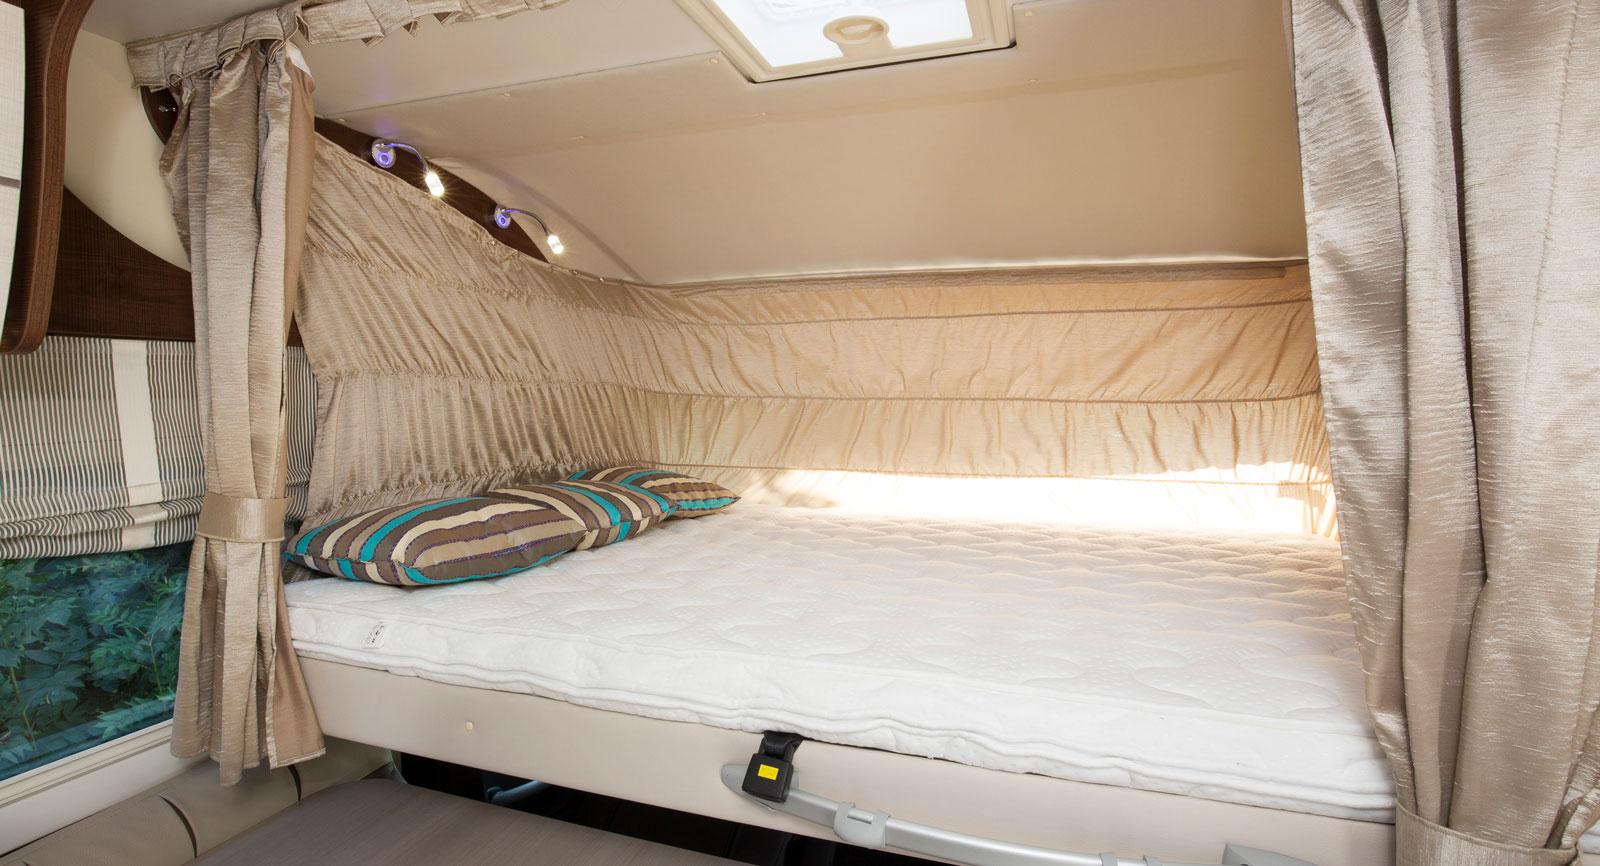 Sängen fram är en av de helintegrerade husbilarnas främsta fördelar. Lätt att få ned och enkel att använda, även utan stege.